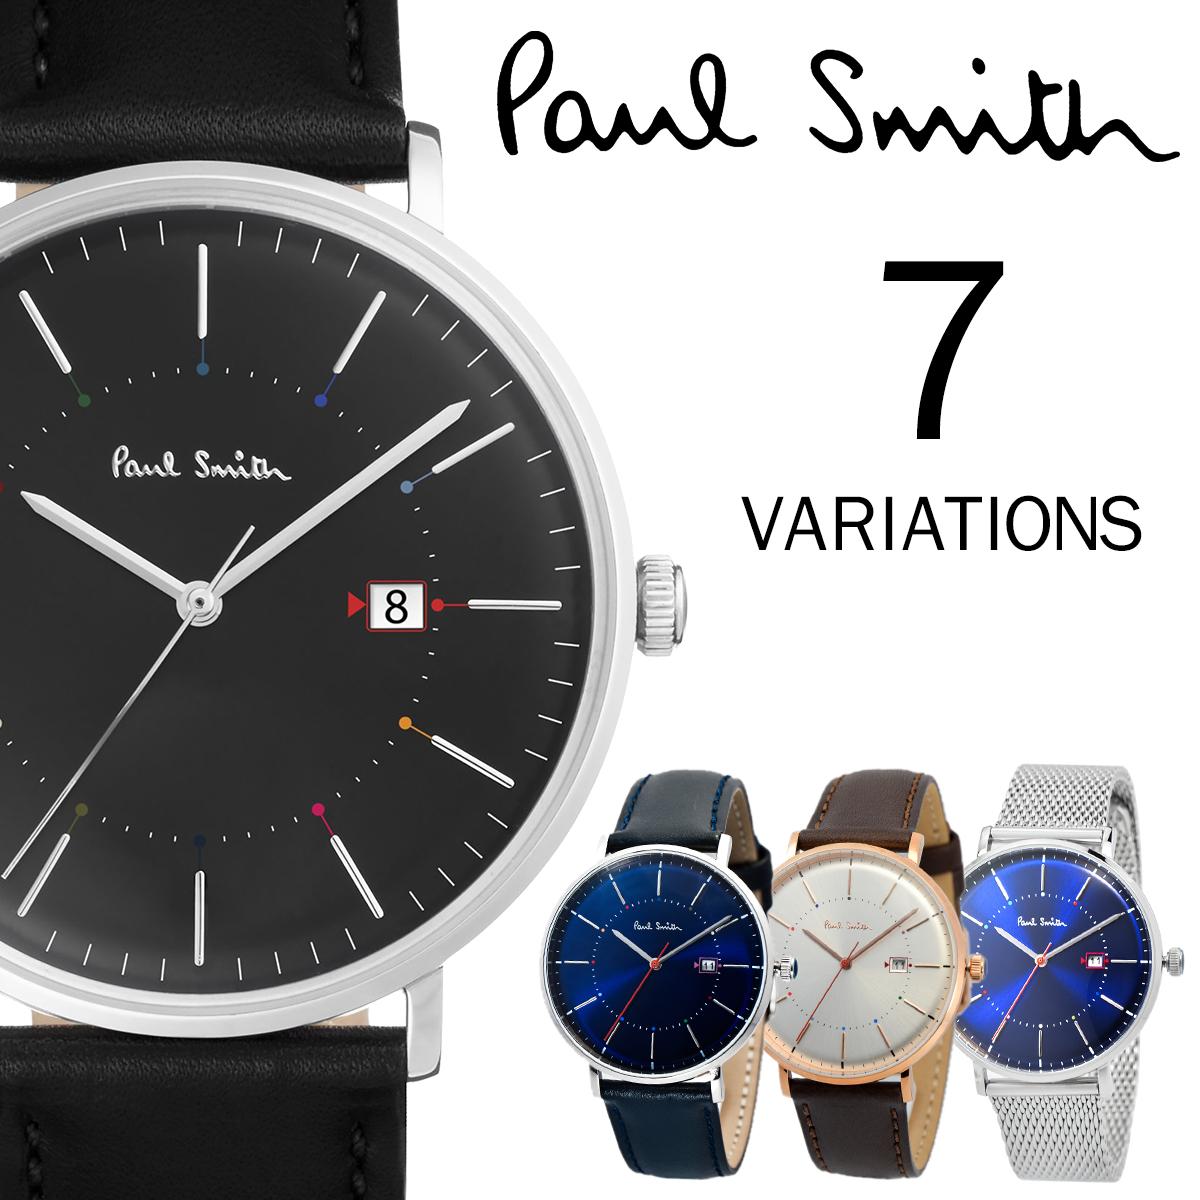 Paul Smith ポールスミス Track トラック 42mm メンズ 腕時計 レザー ウォッチ プレゼント 贈り物 記念日 ギフト [あす楽]